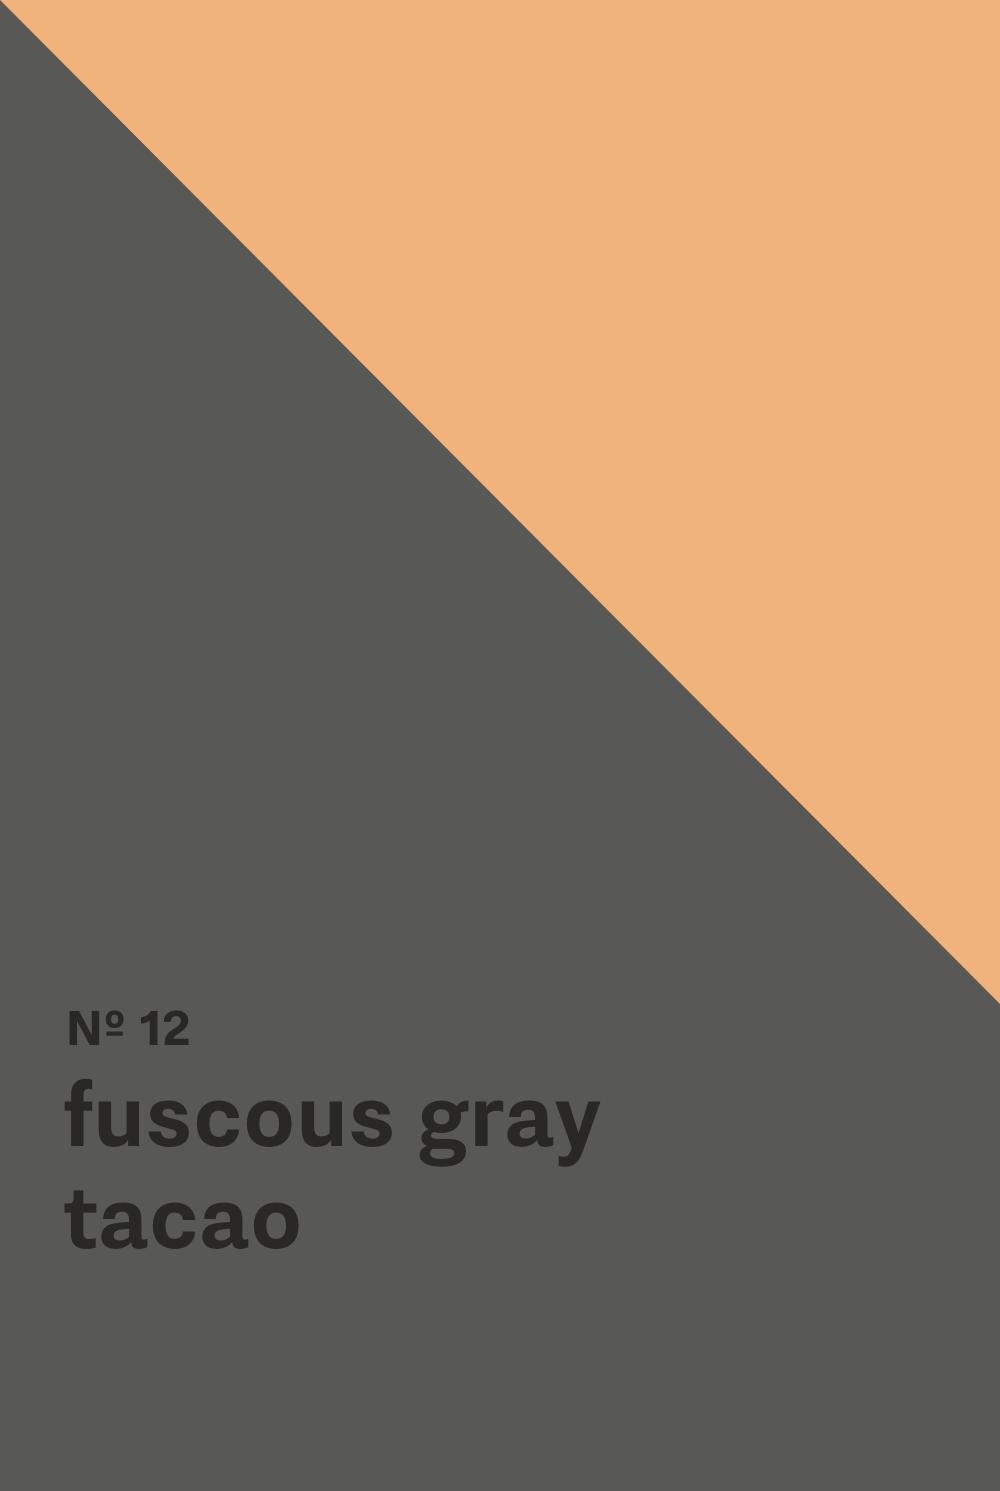 Fuscous Gray - Tacao